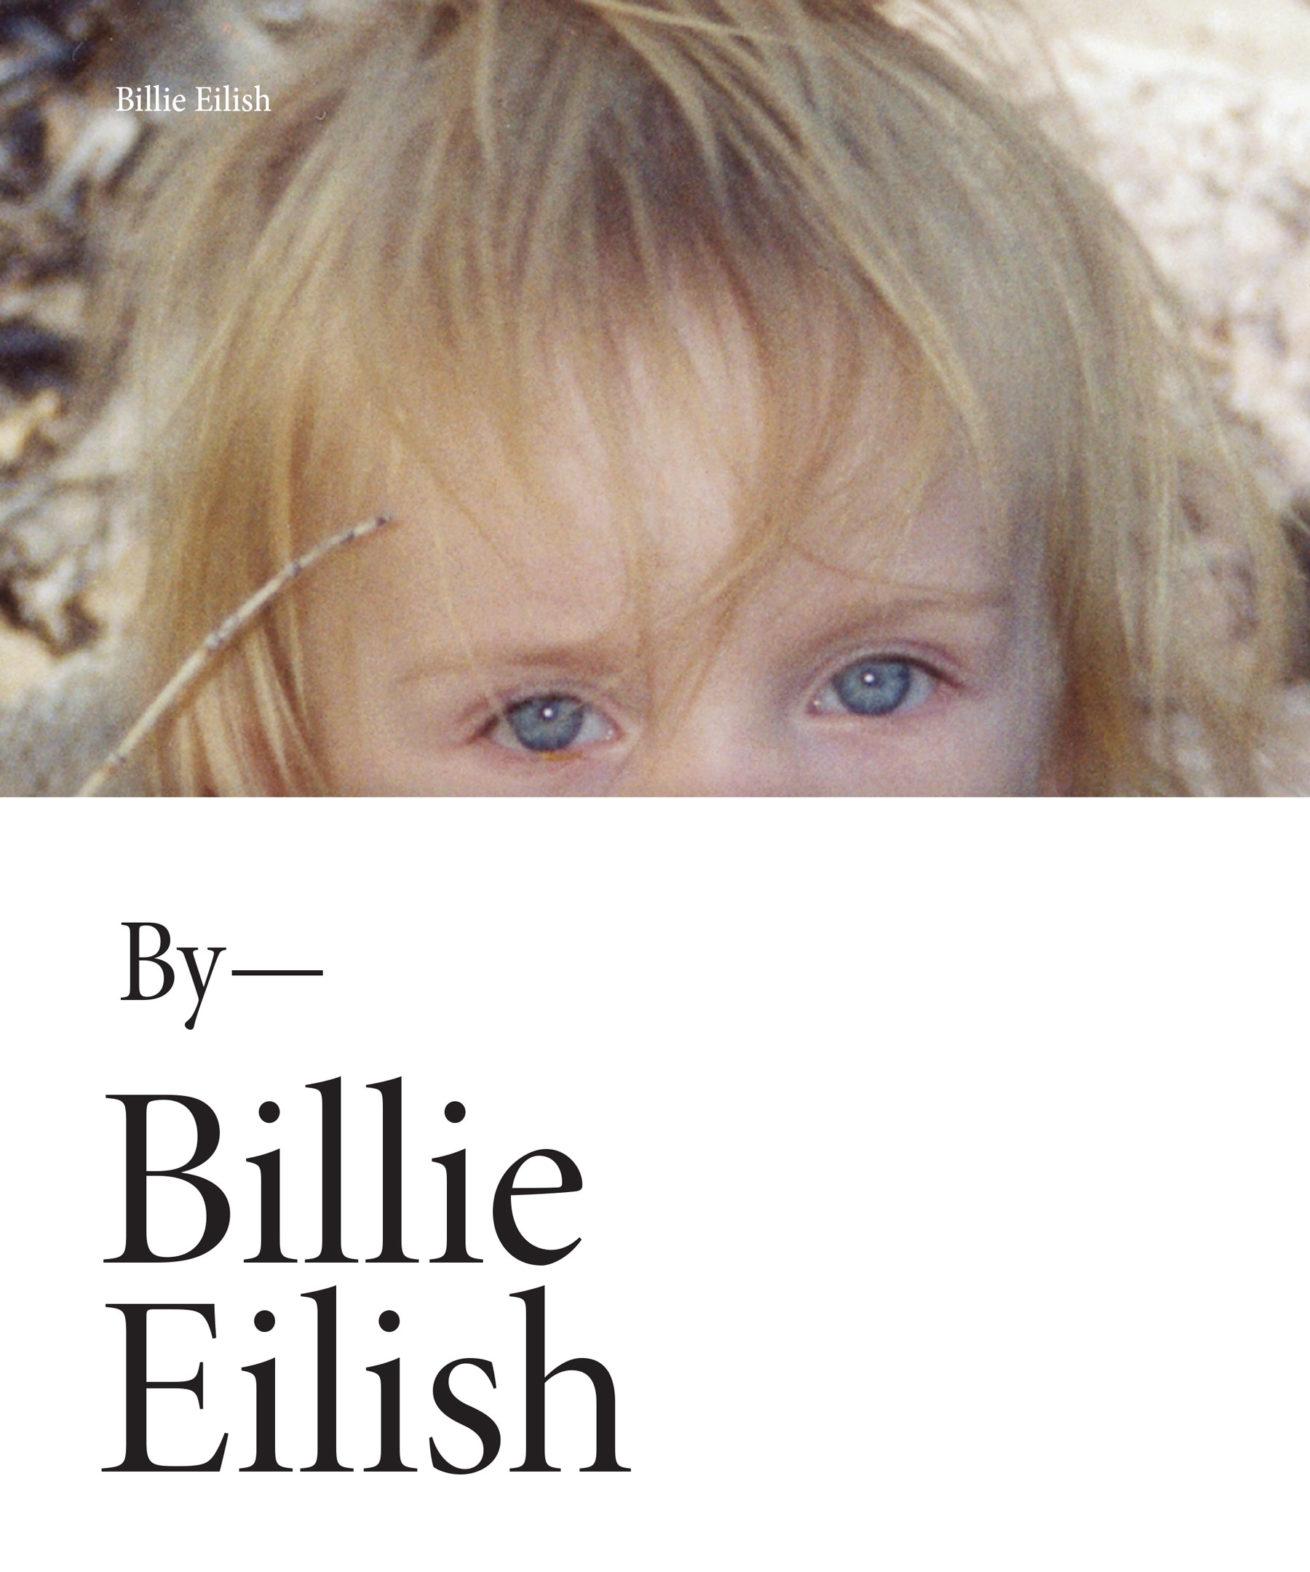 billie eilish yeni kitap projelerini duyurdu